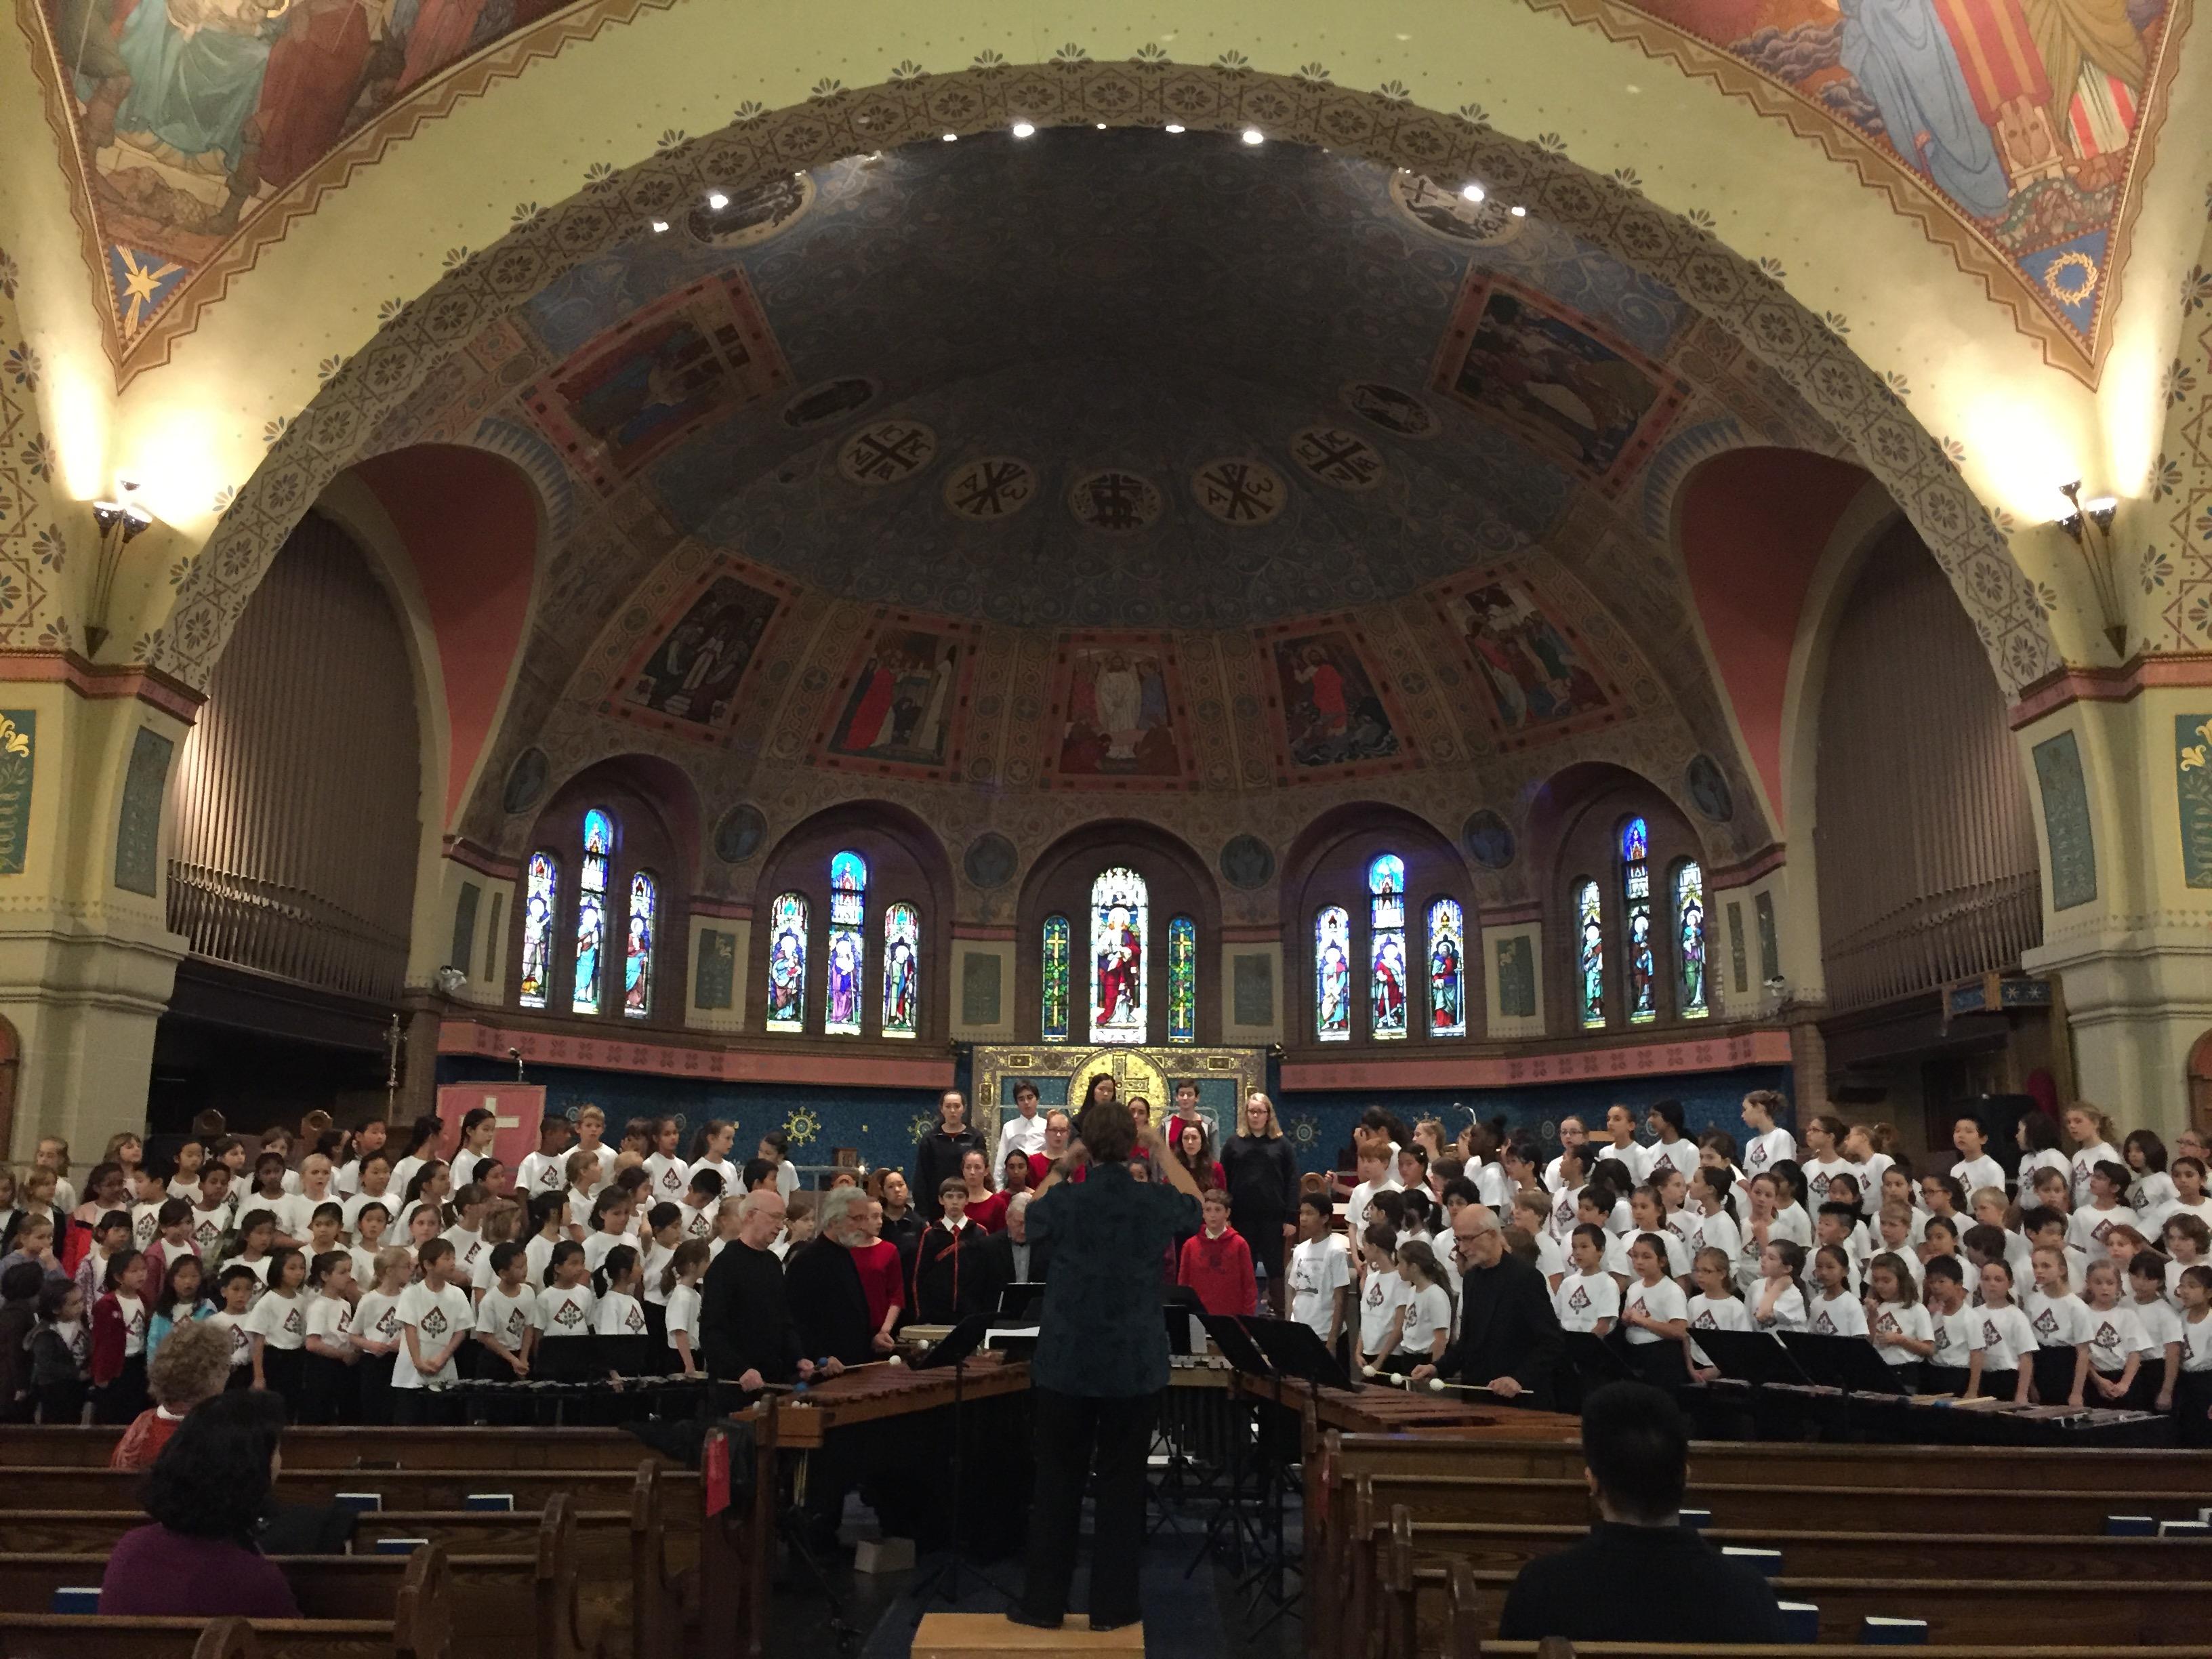 NEXUS and the Toronto Children's Chorus